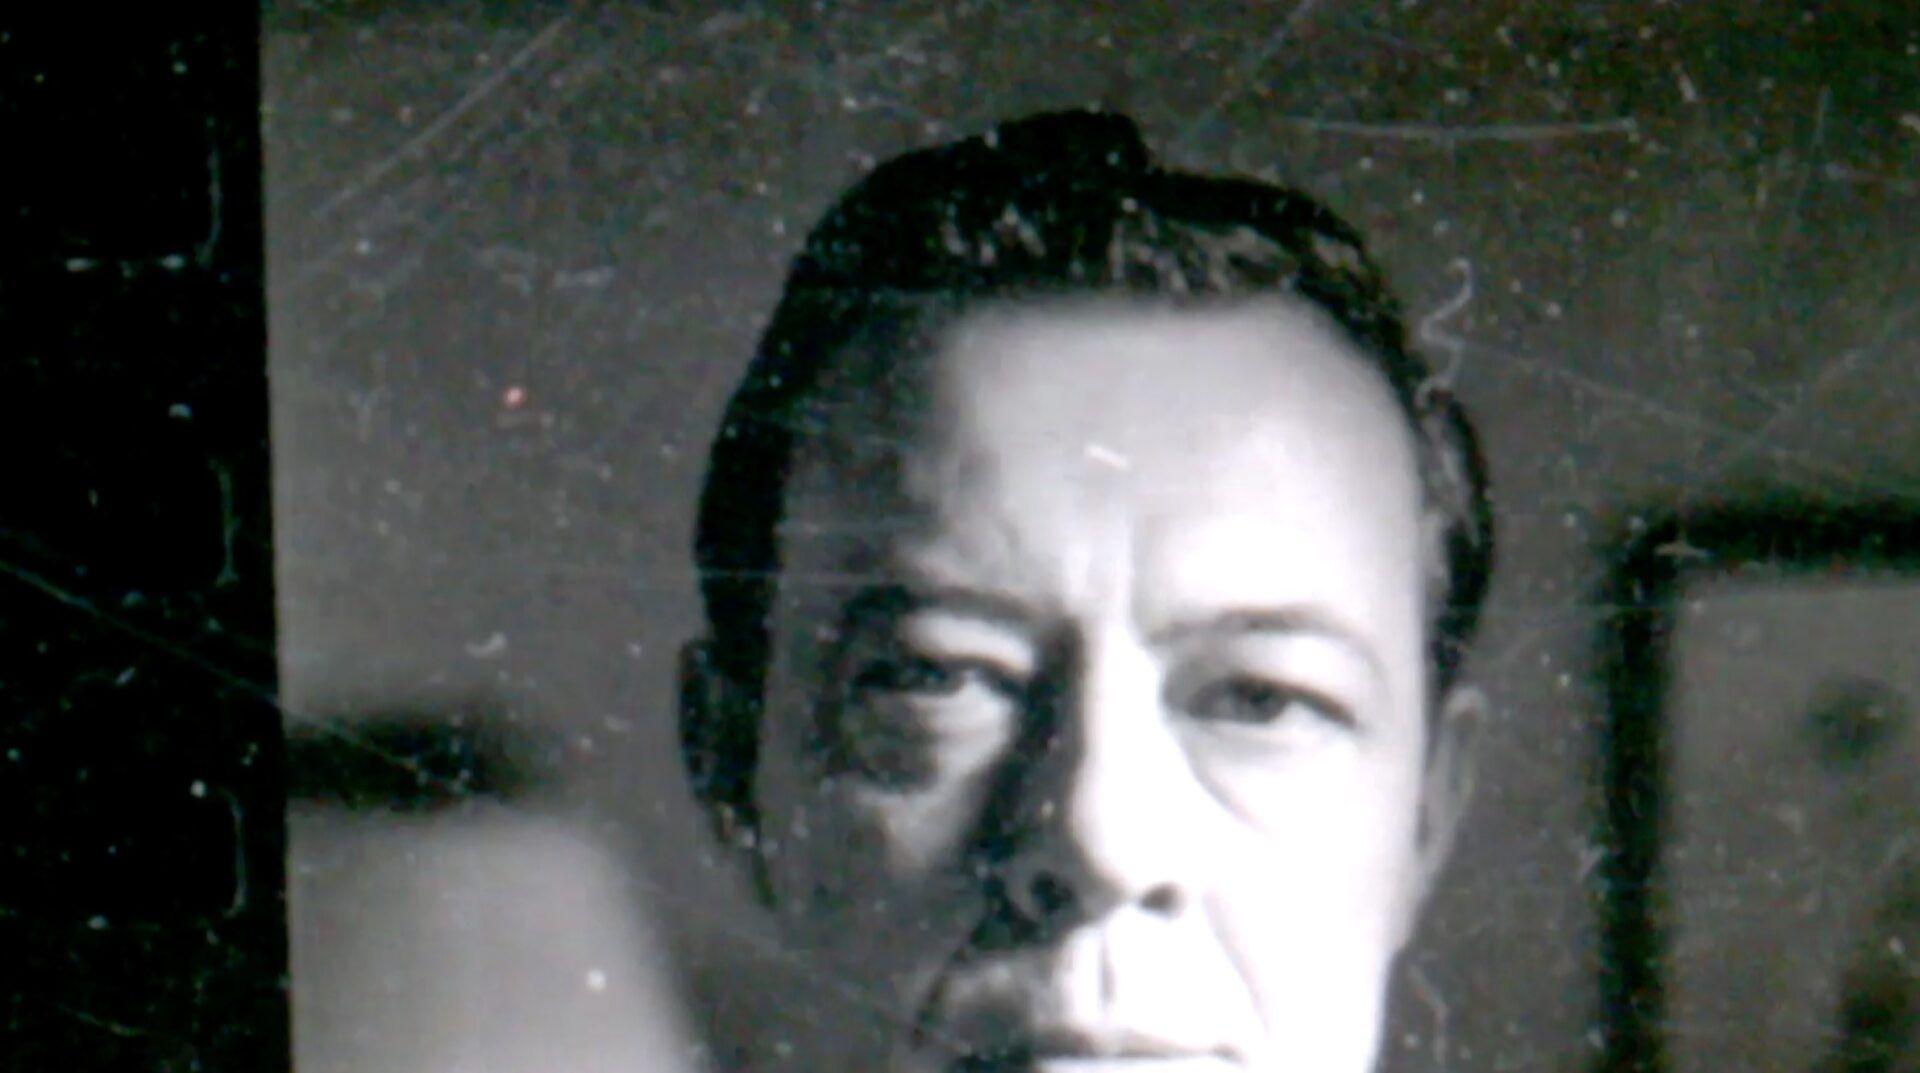 LEONHARD PRAEG 41